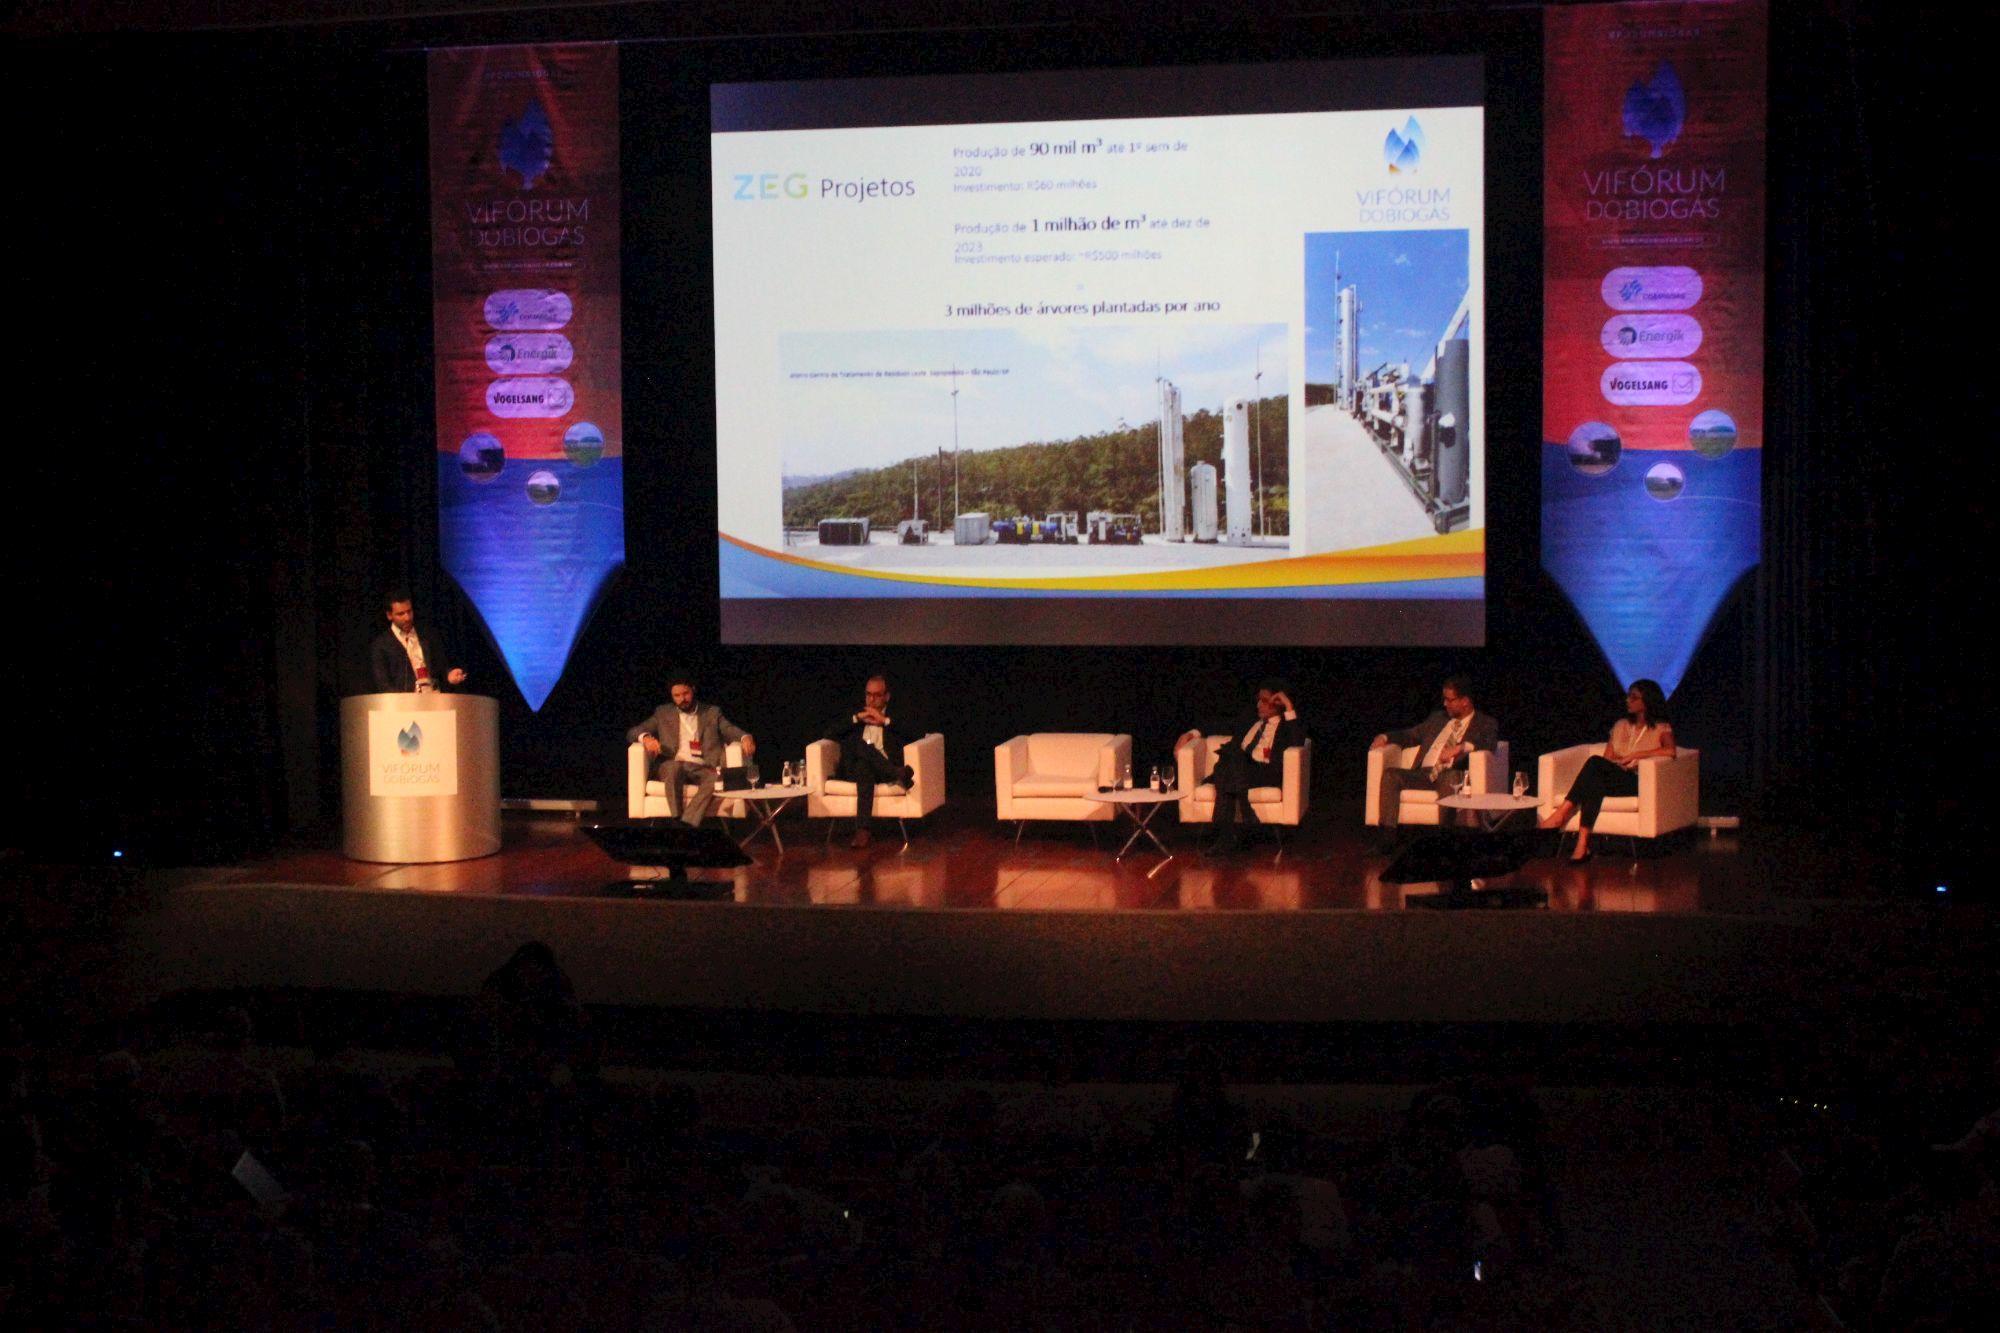 Biogás mira no interior como fonte complementar ao crescimento da indústria de gás no Brasil, Biogás mira no interior como fonte complementar ao crescimento da indústria de gás no Brasil